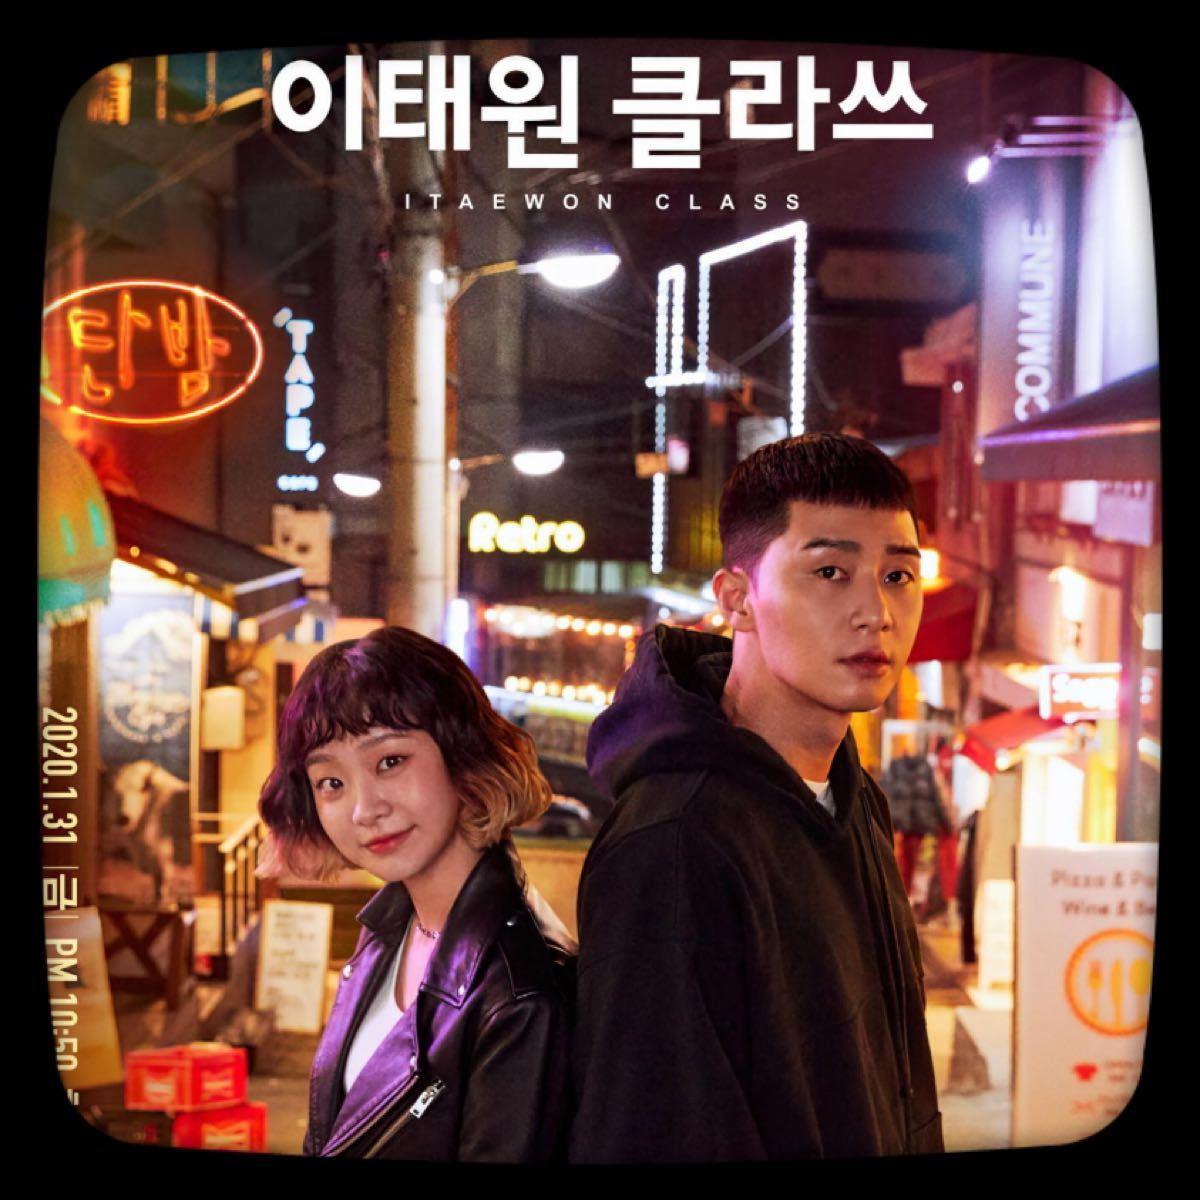 【梨泰院クラス】Blu-ray 韓国ドラマ 韓流